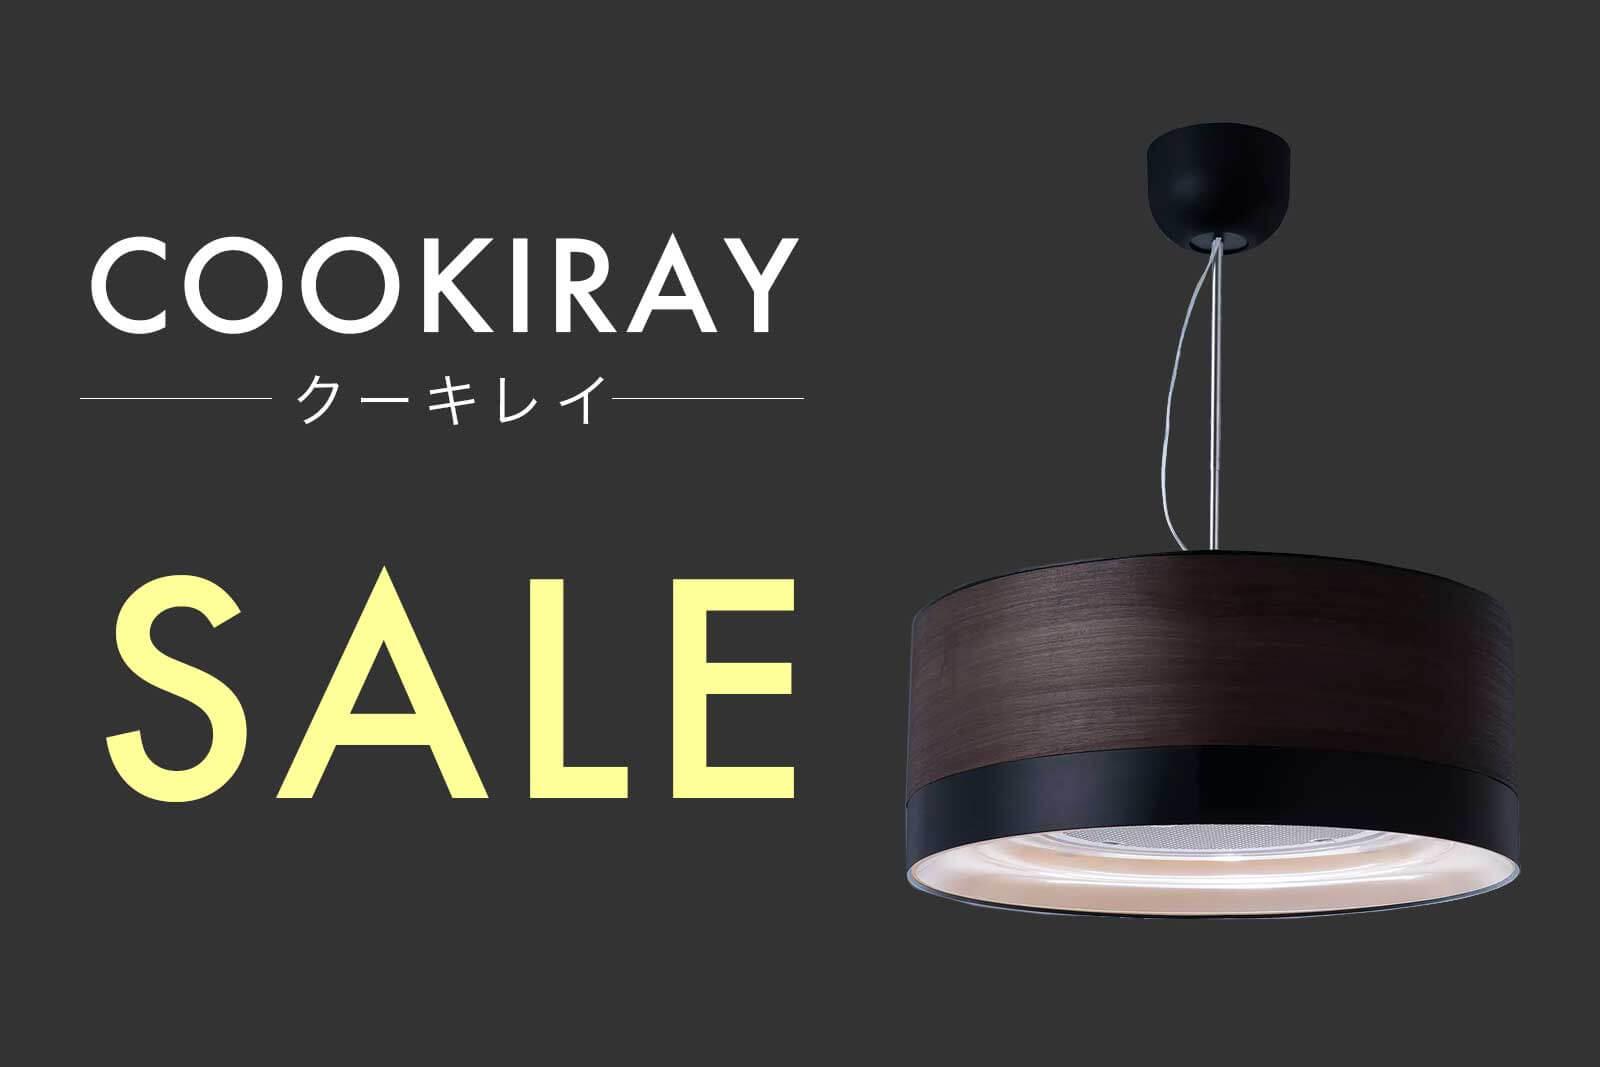 【半額に近い!】COOKIRAY (クーキレイ)は、お家焼肉の匂いを取ってくれる空気清浄機能付き照明。